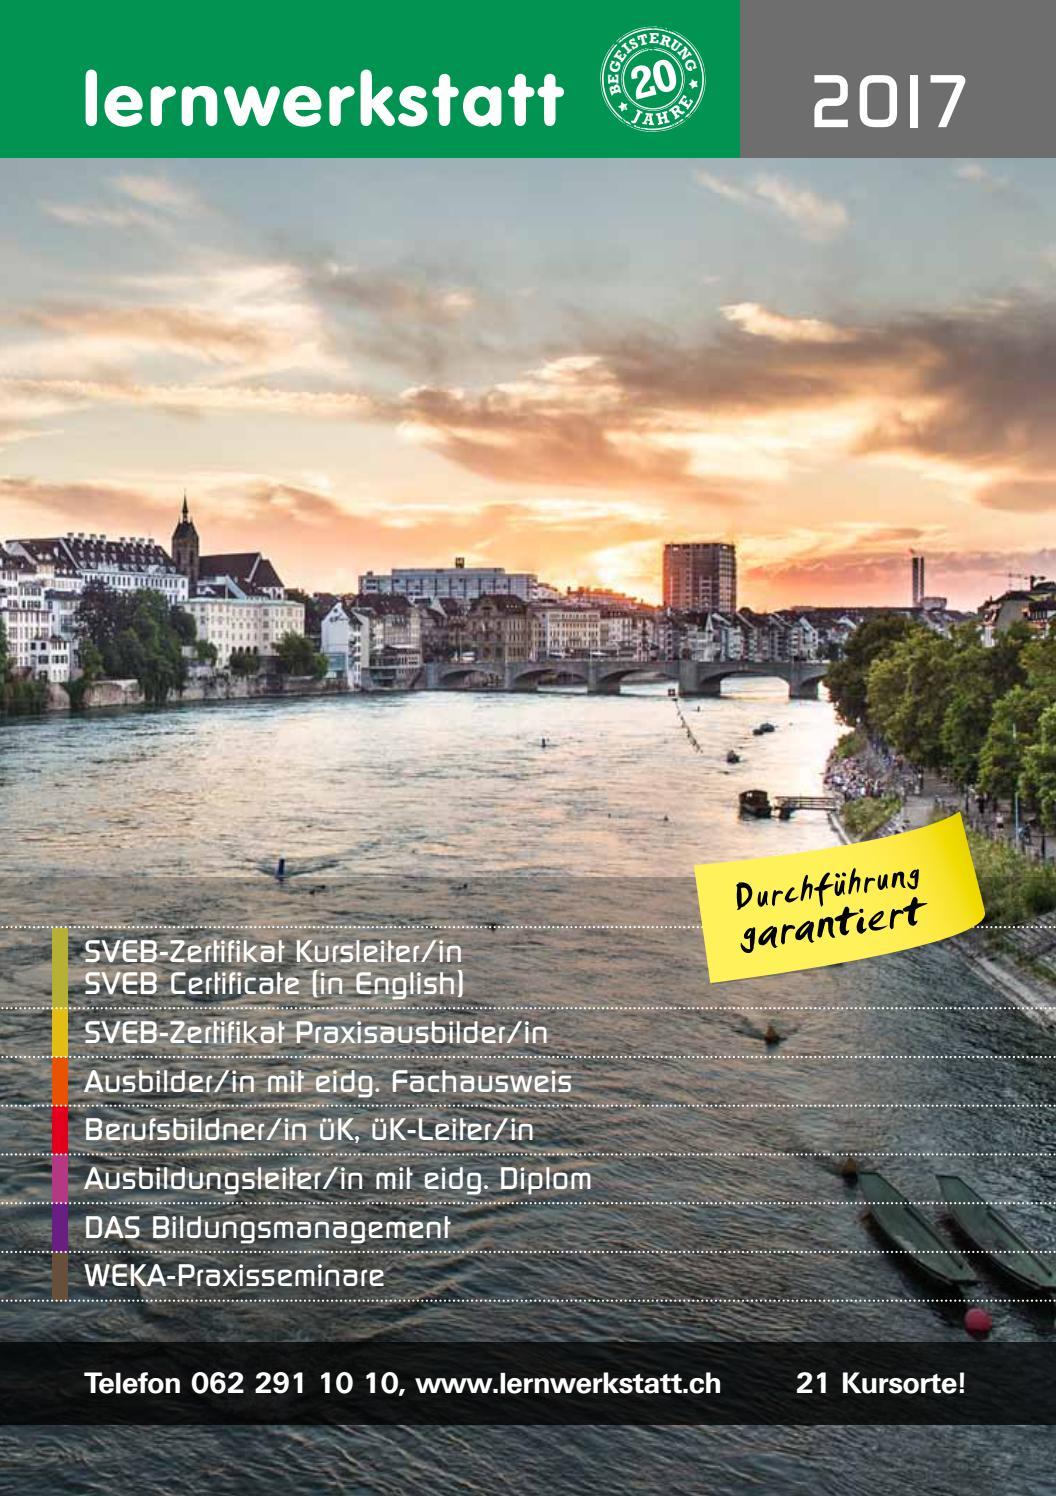 Lernwerkstatt Bildungsratgeber 2017 by lernwerkstatt - issuu